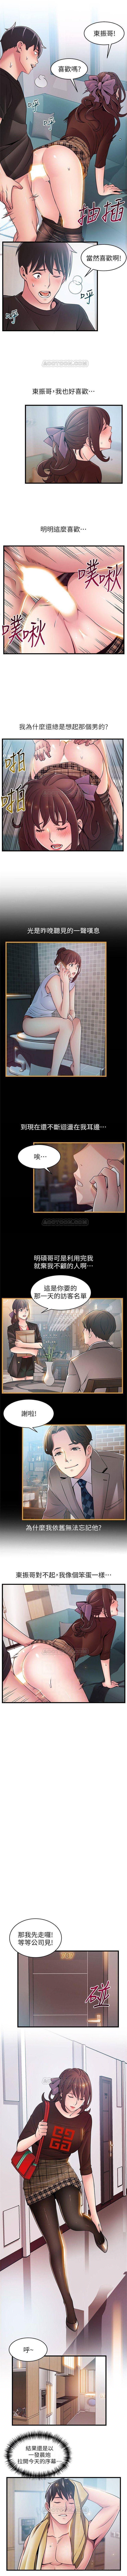 (週7)弱點 1-76 中文翻譯(更新中) 364